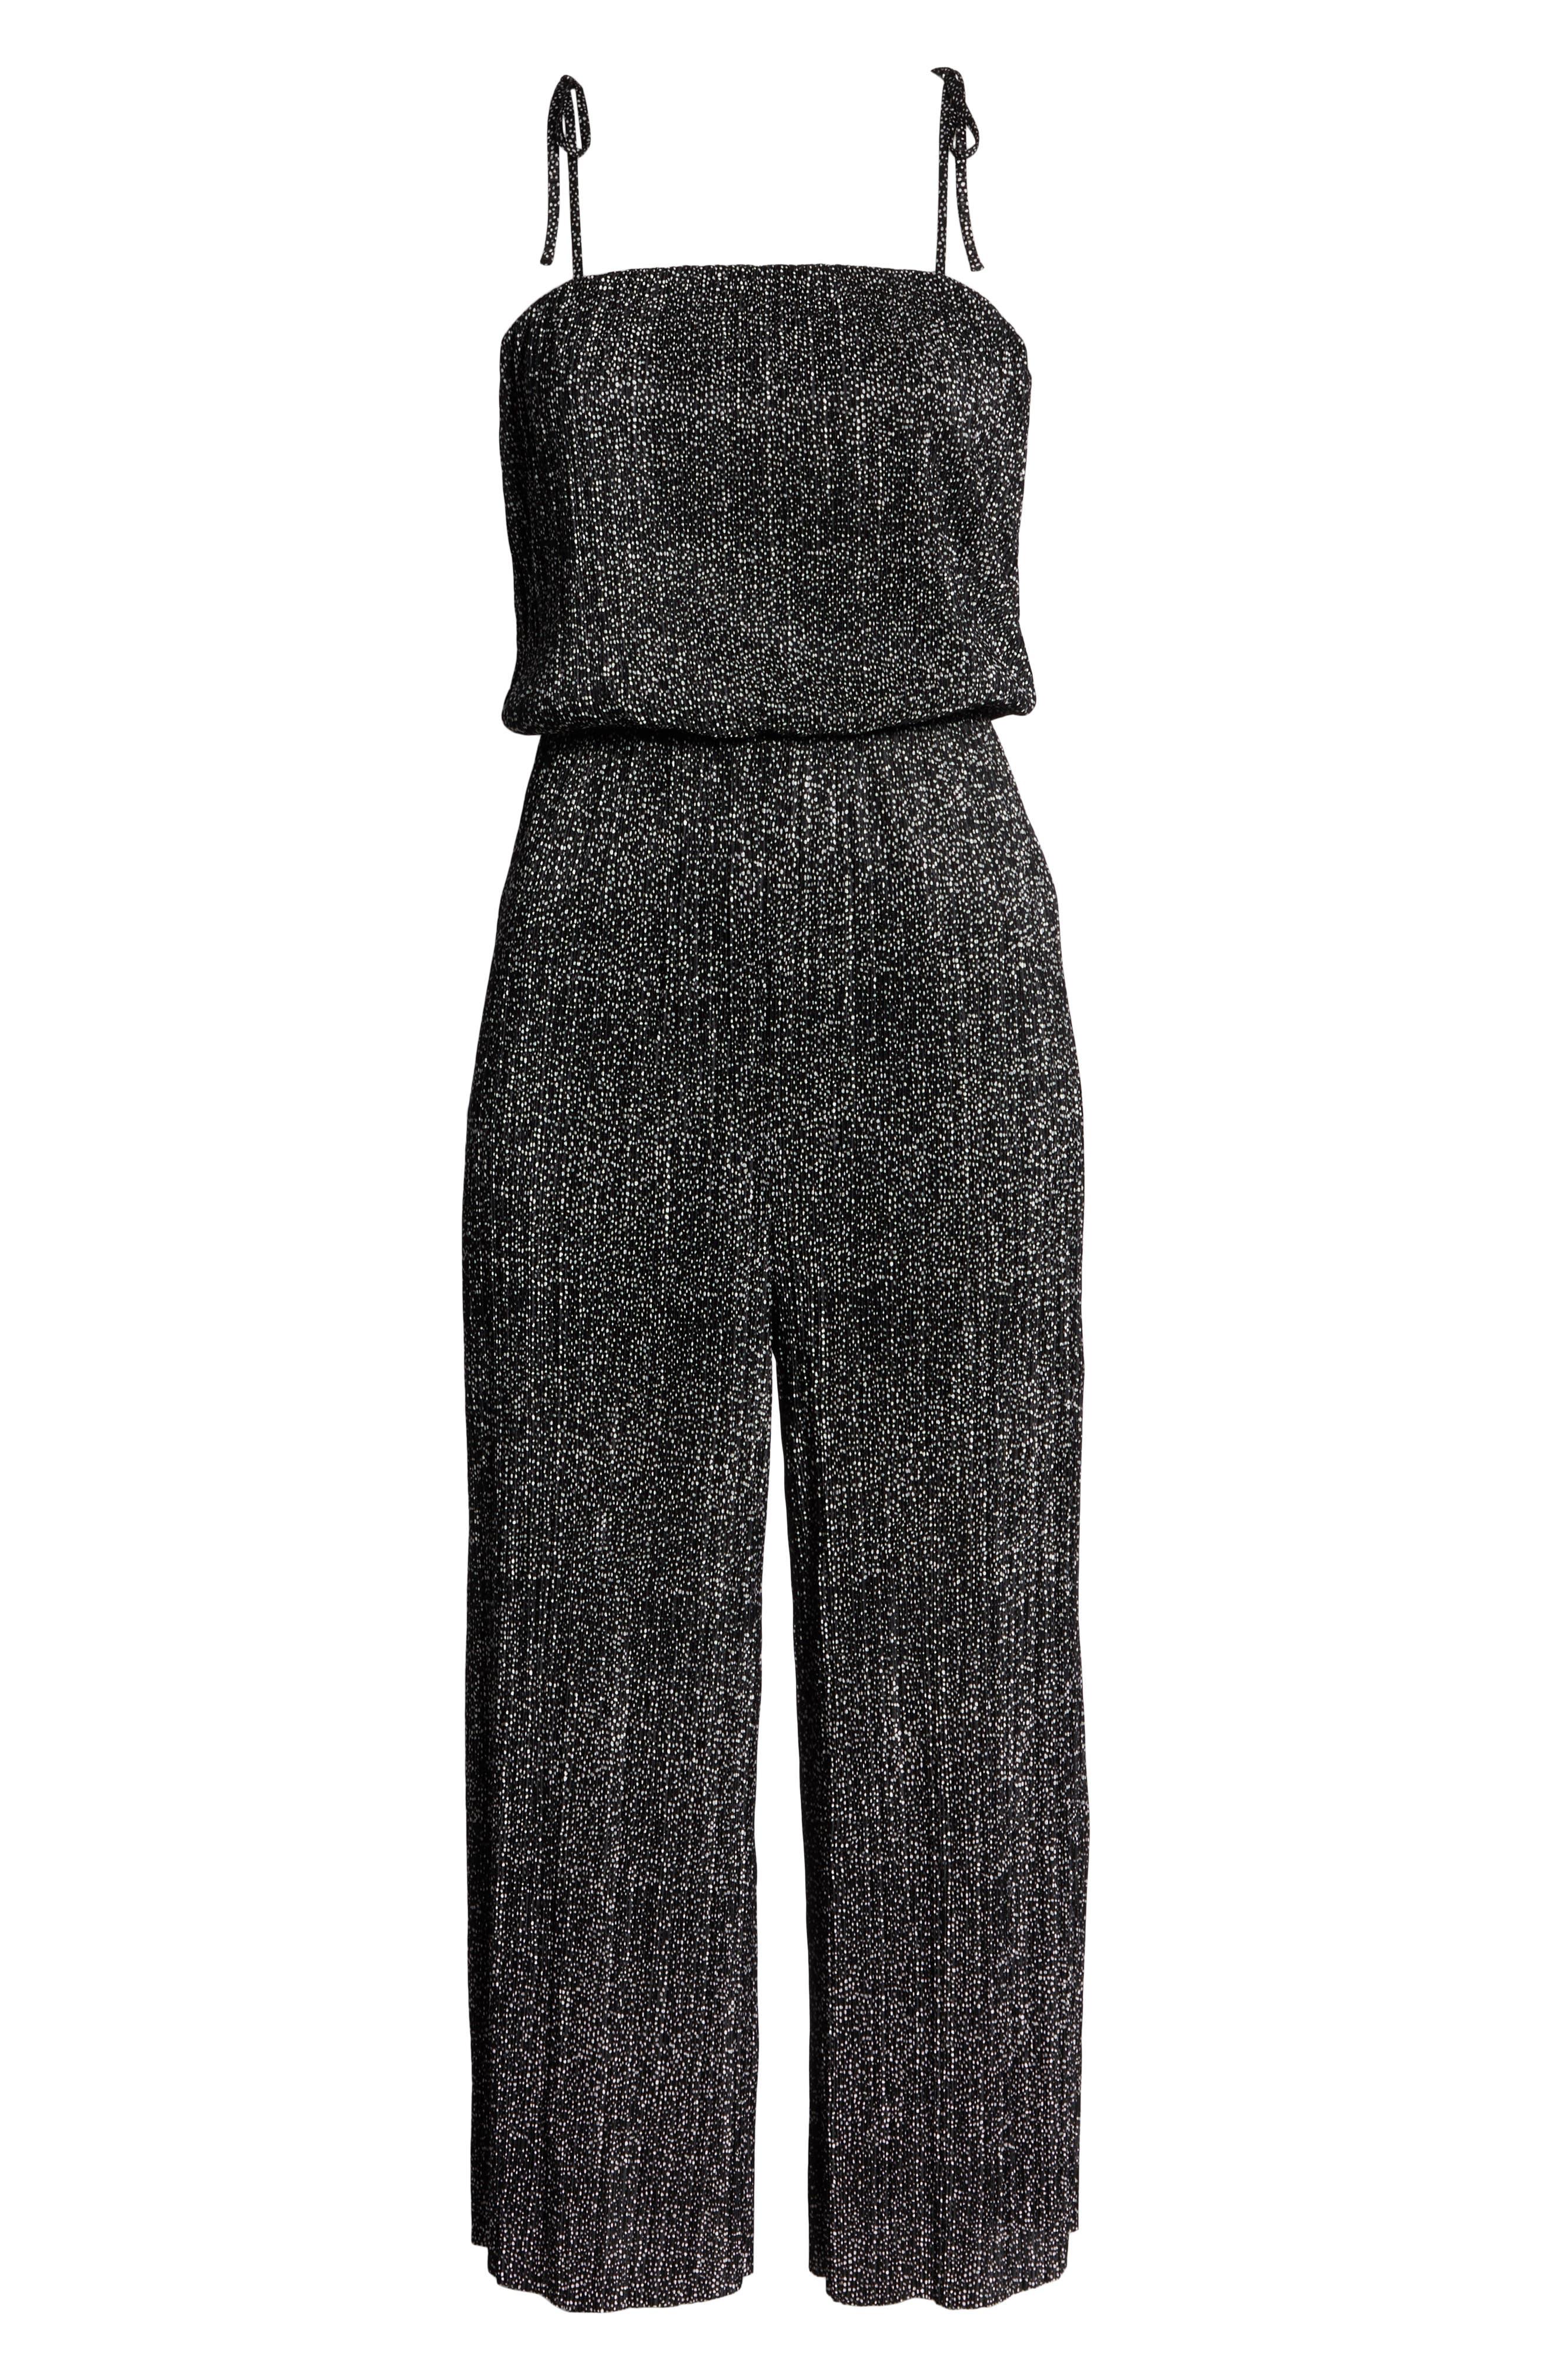 19 COOPER, Tie Shoulder Jumpsuit, Alternate thumbnail 7, color, BLACK/ WHITE